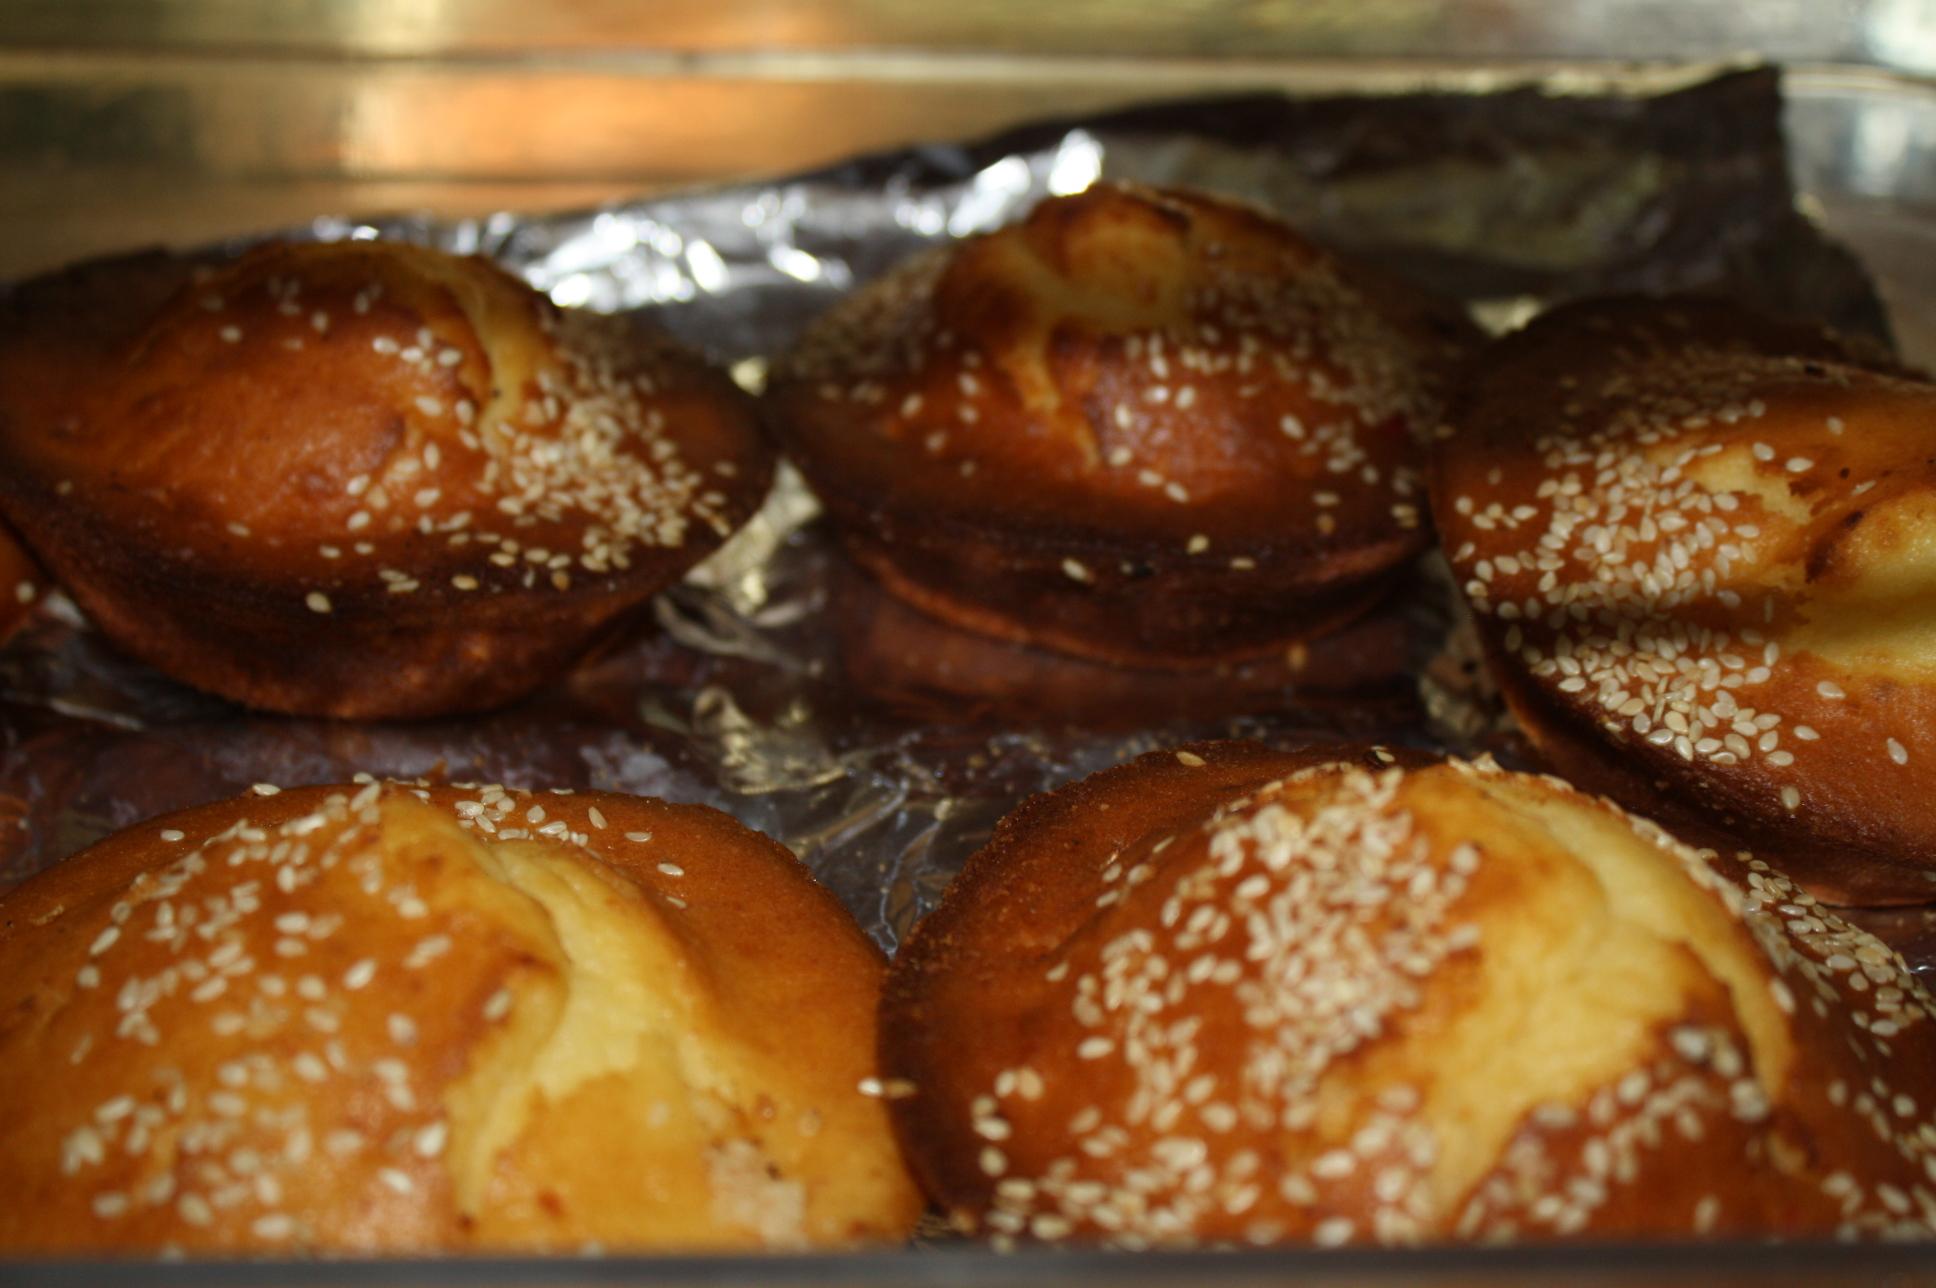 Quesadillas, un pan de dulce salvadoreño. (Foto de Agustín Durán/El Pasajero).